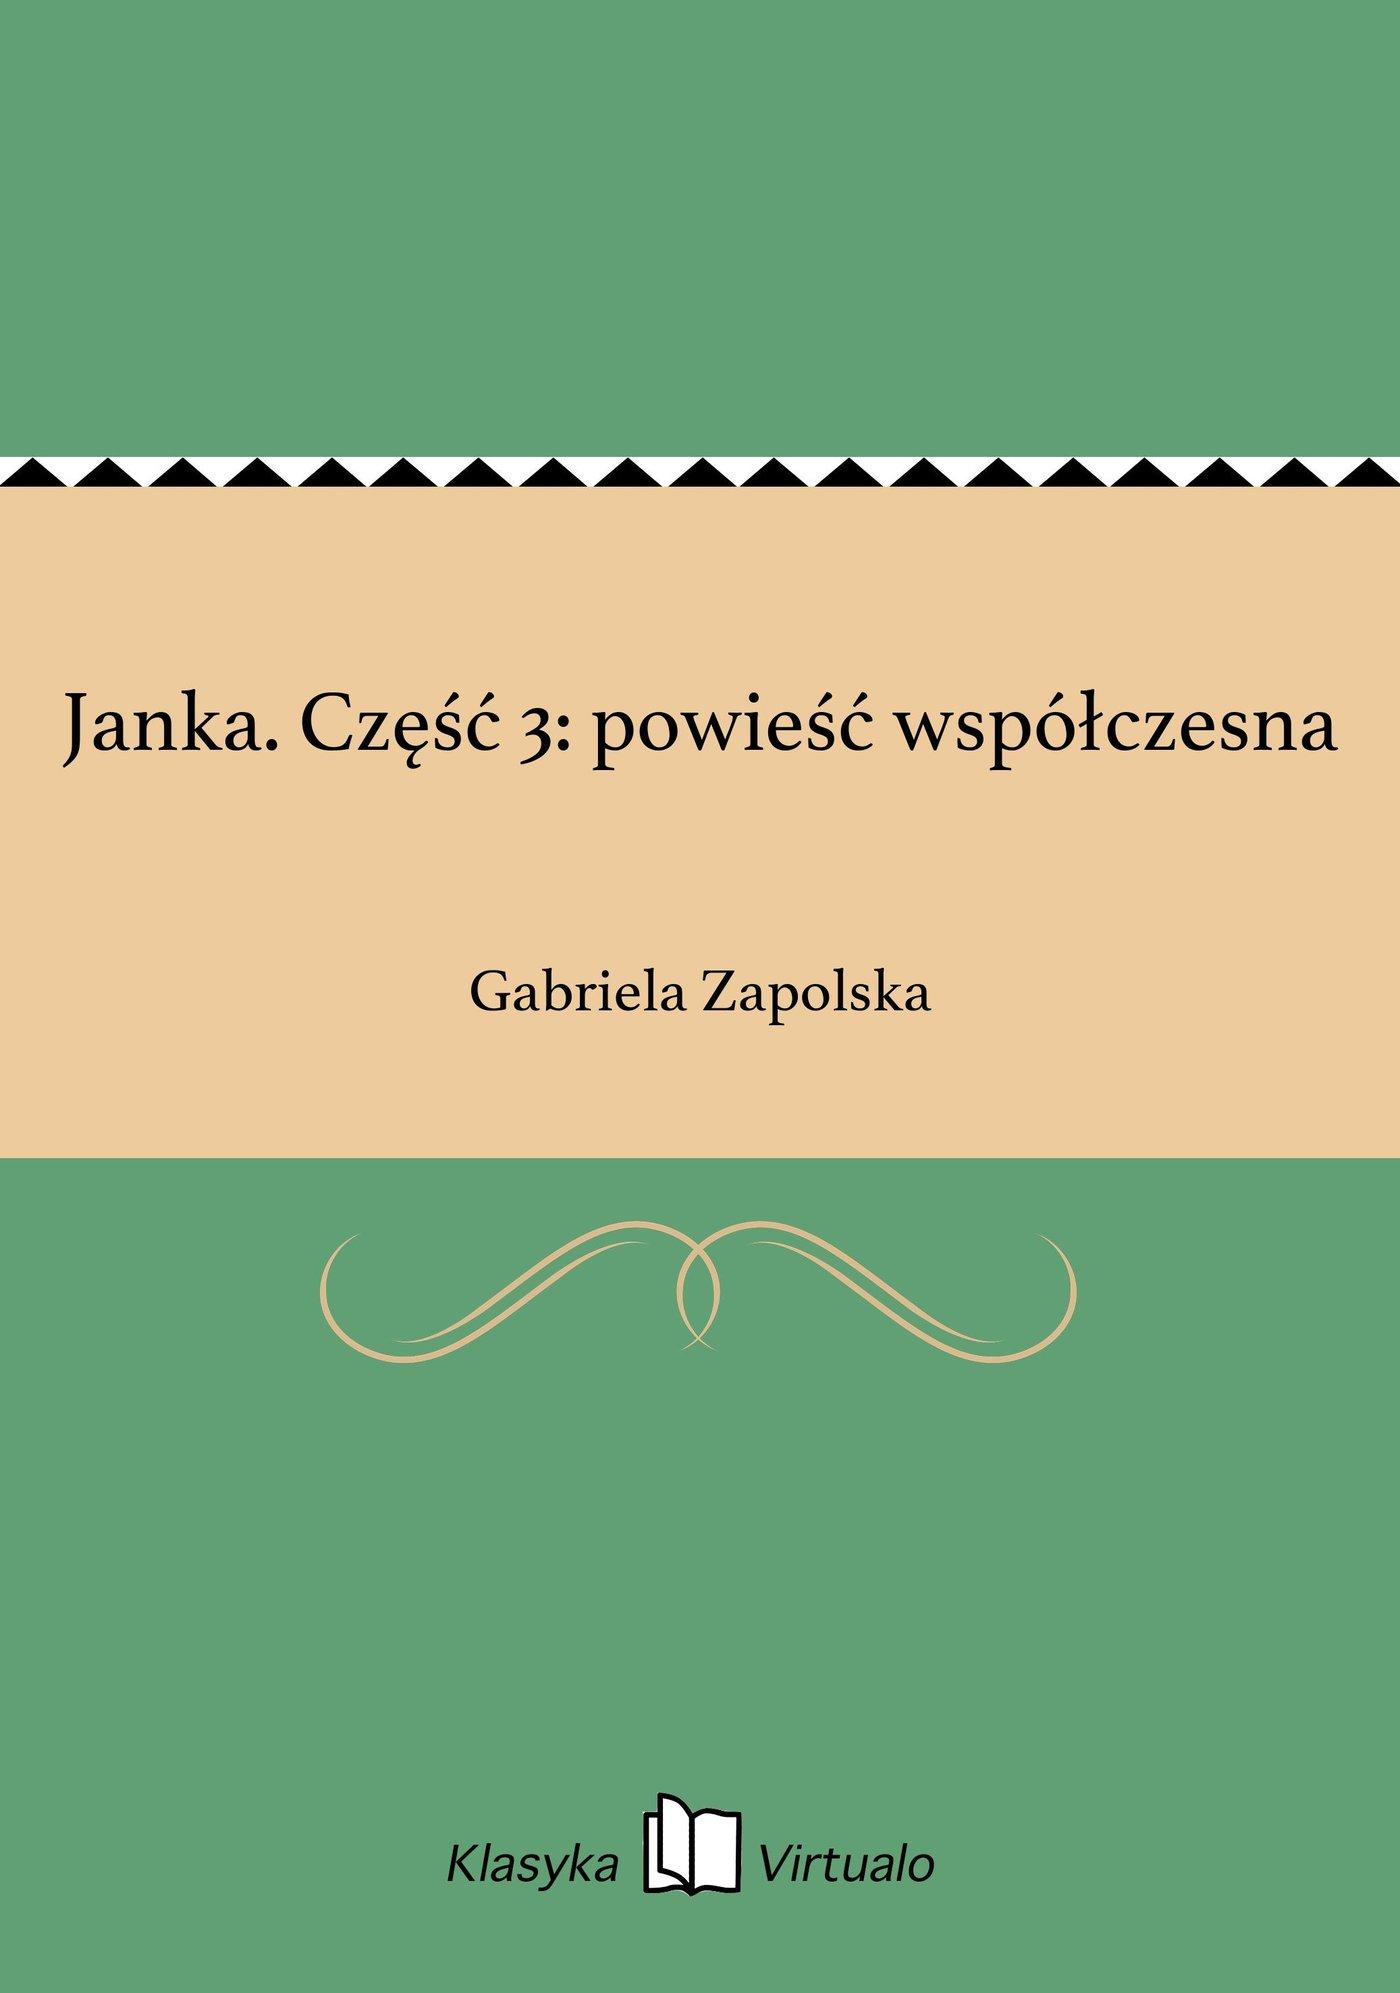 Janka. Część 3: powieść współczesna - Ebook (Książka na Kindle) do pobrania w formacie MOBI